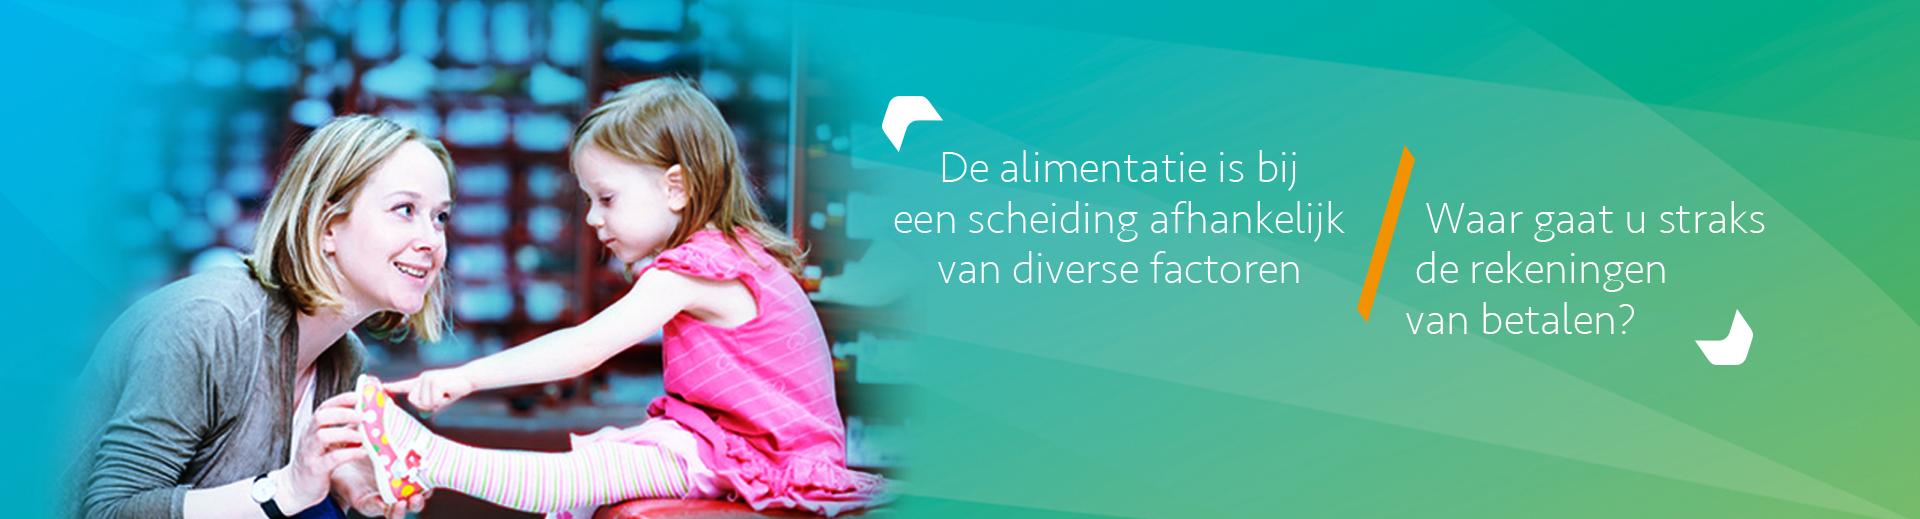 De alimentatie bij een scheiding - Scheidingsplanner Den Haag & Rijswijk